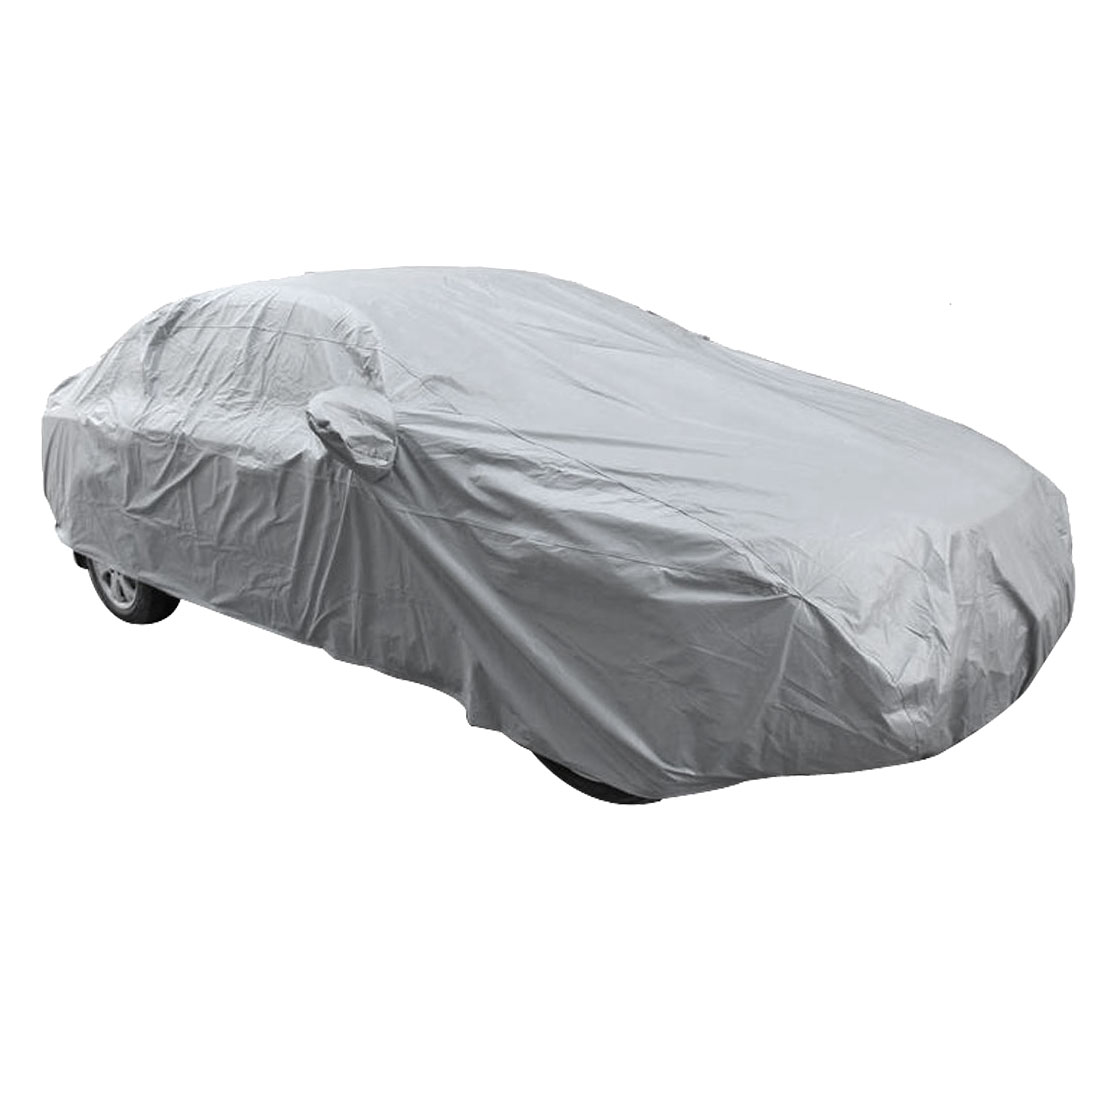 Non-woven Anti-dust Sun Rain Resistant Car Cover Protector for Toyota Corolla